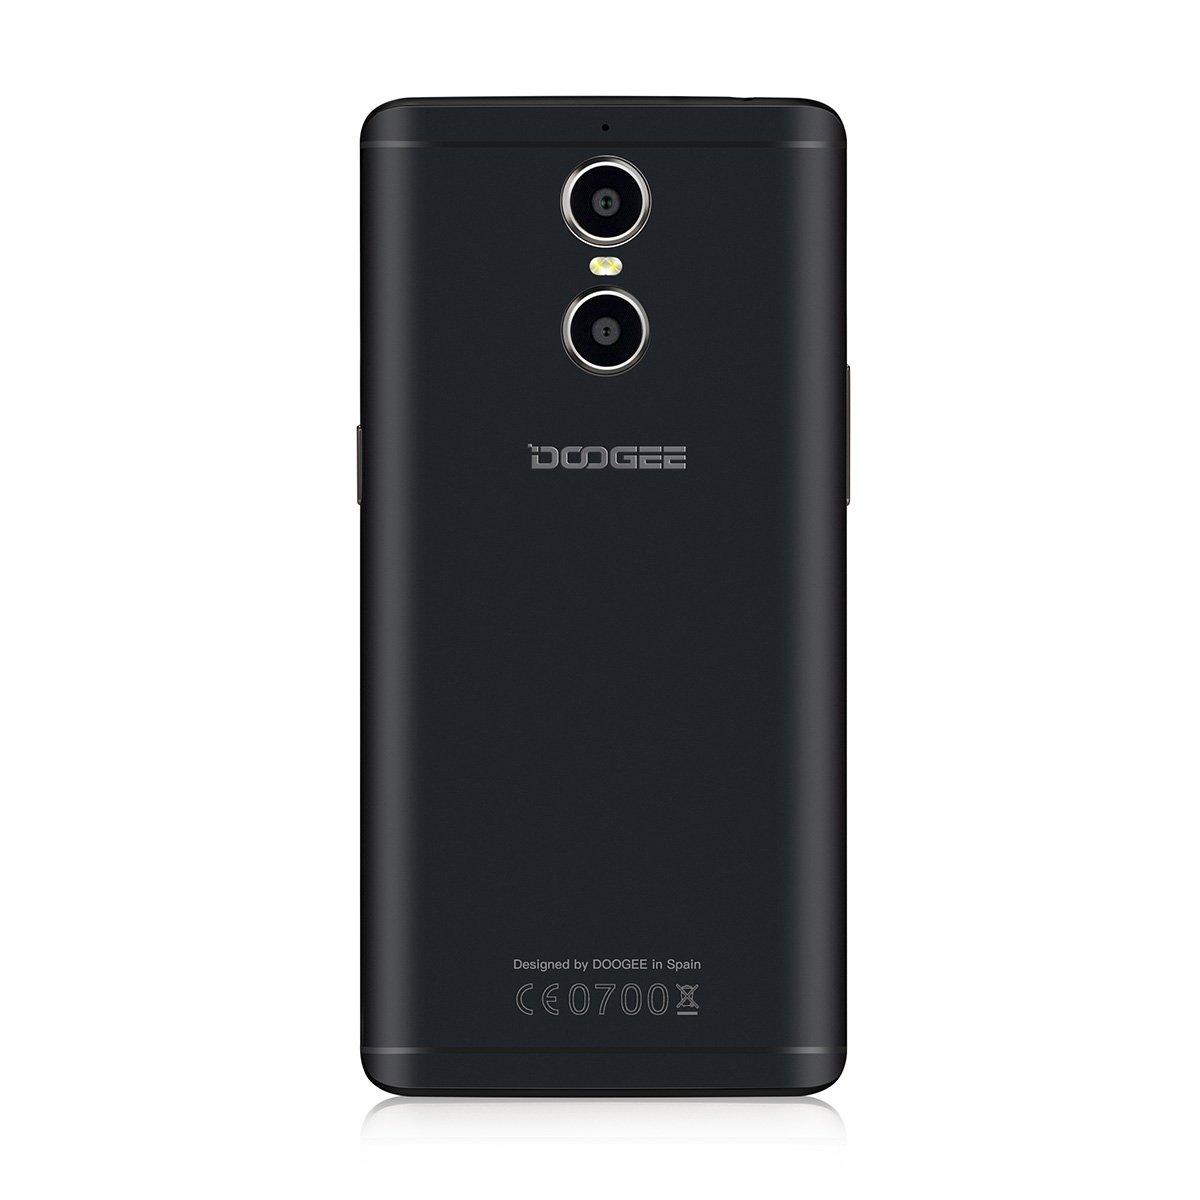 DOOGEE Shoot 1 - Smartphone Libre 4G con Doble camaras traseras (Android 6.0, Pantalla 5.5